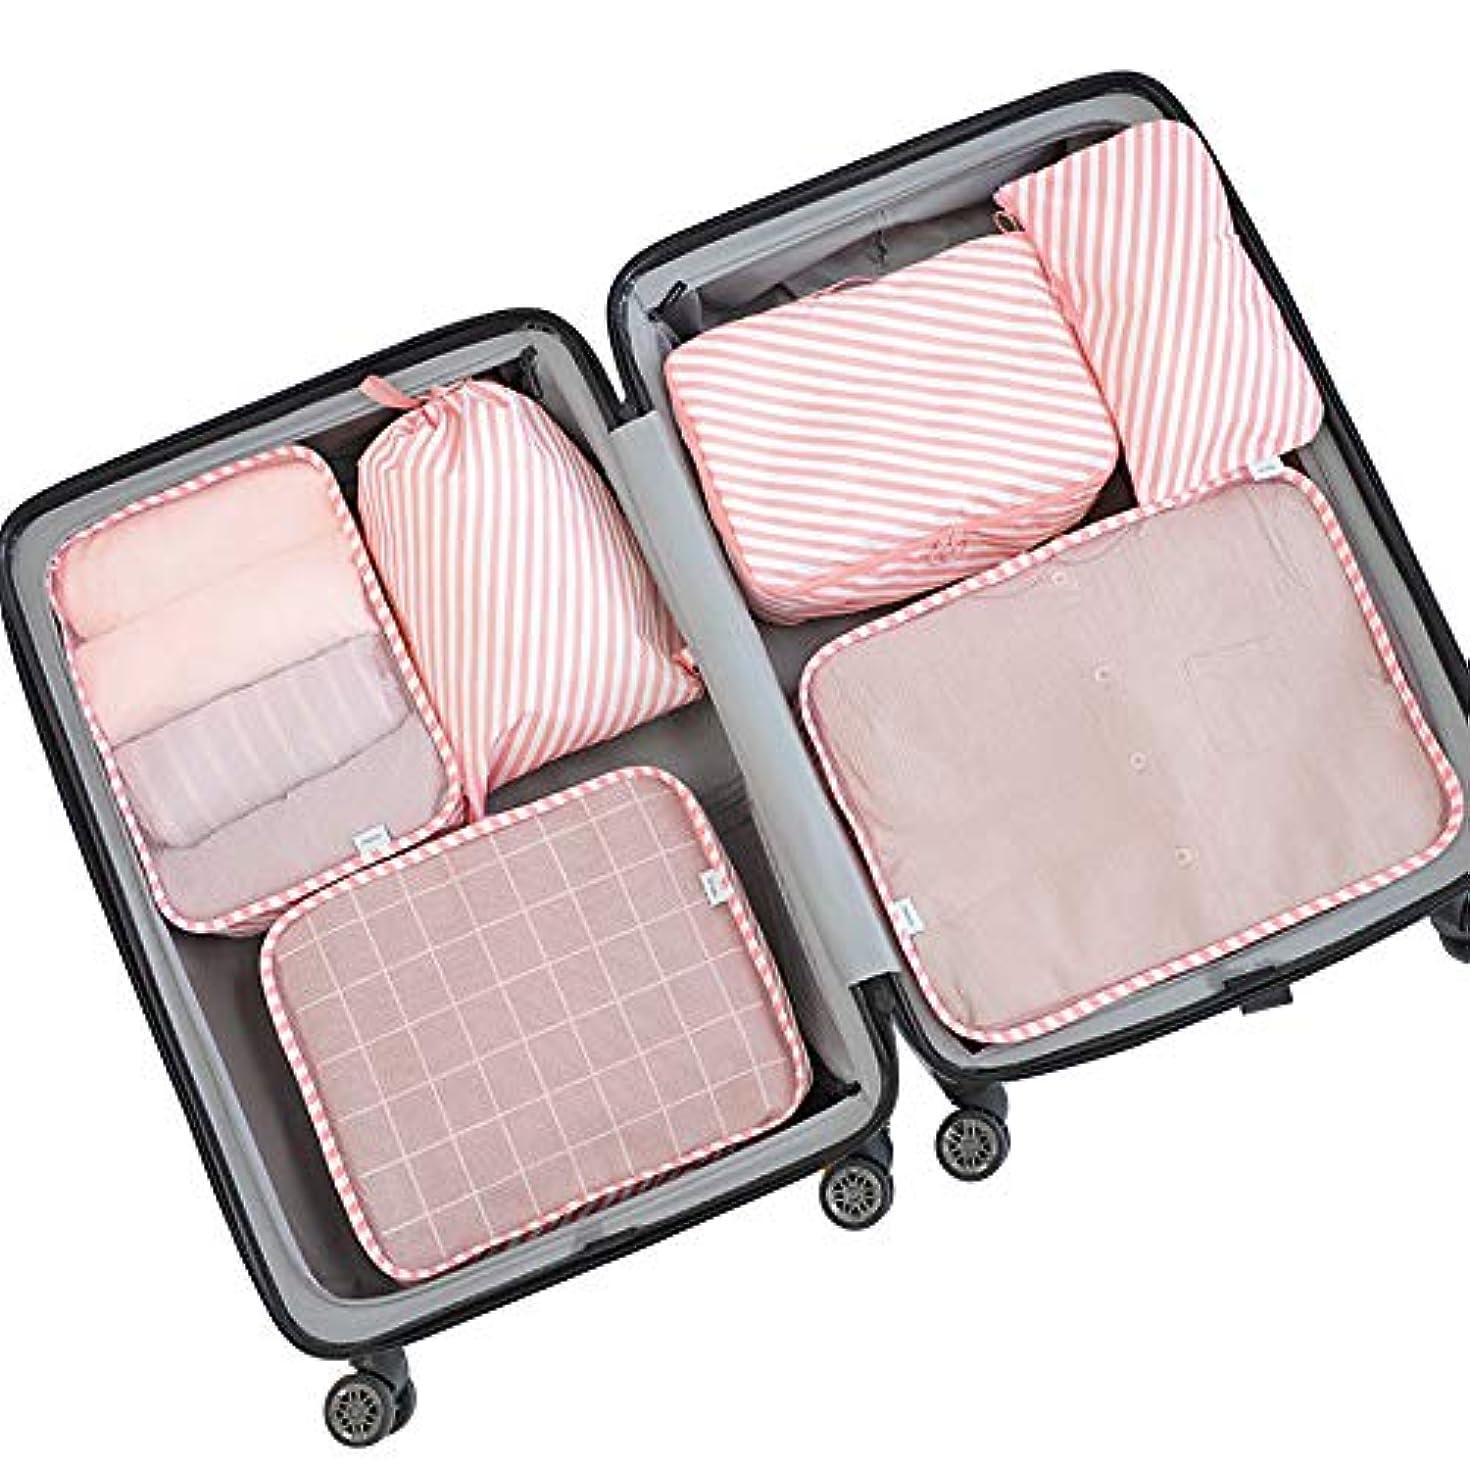 突き出す世界的にユーザートラベルポーチ 6点セット 収納ポーチ 旅行用 衣類 バッグ ケース 化粧ポーチ メンズ 大容量 防水